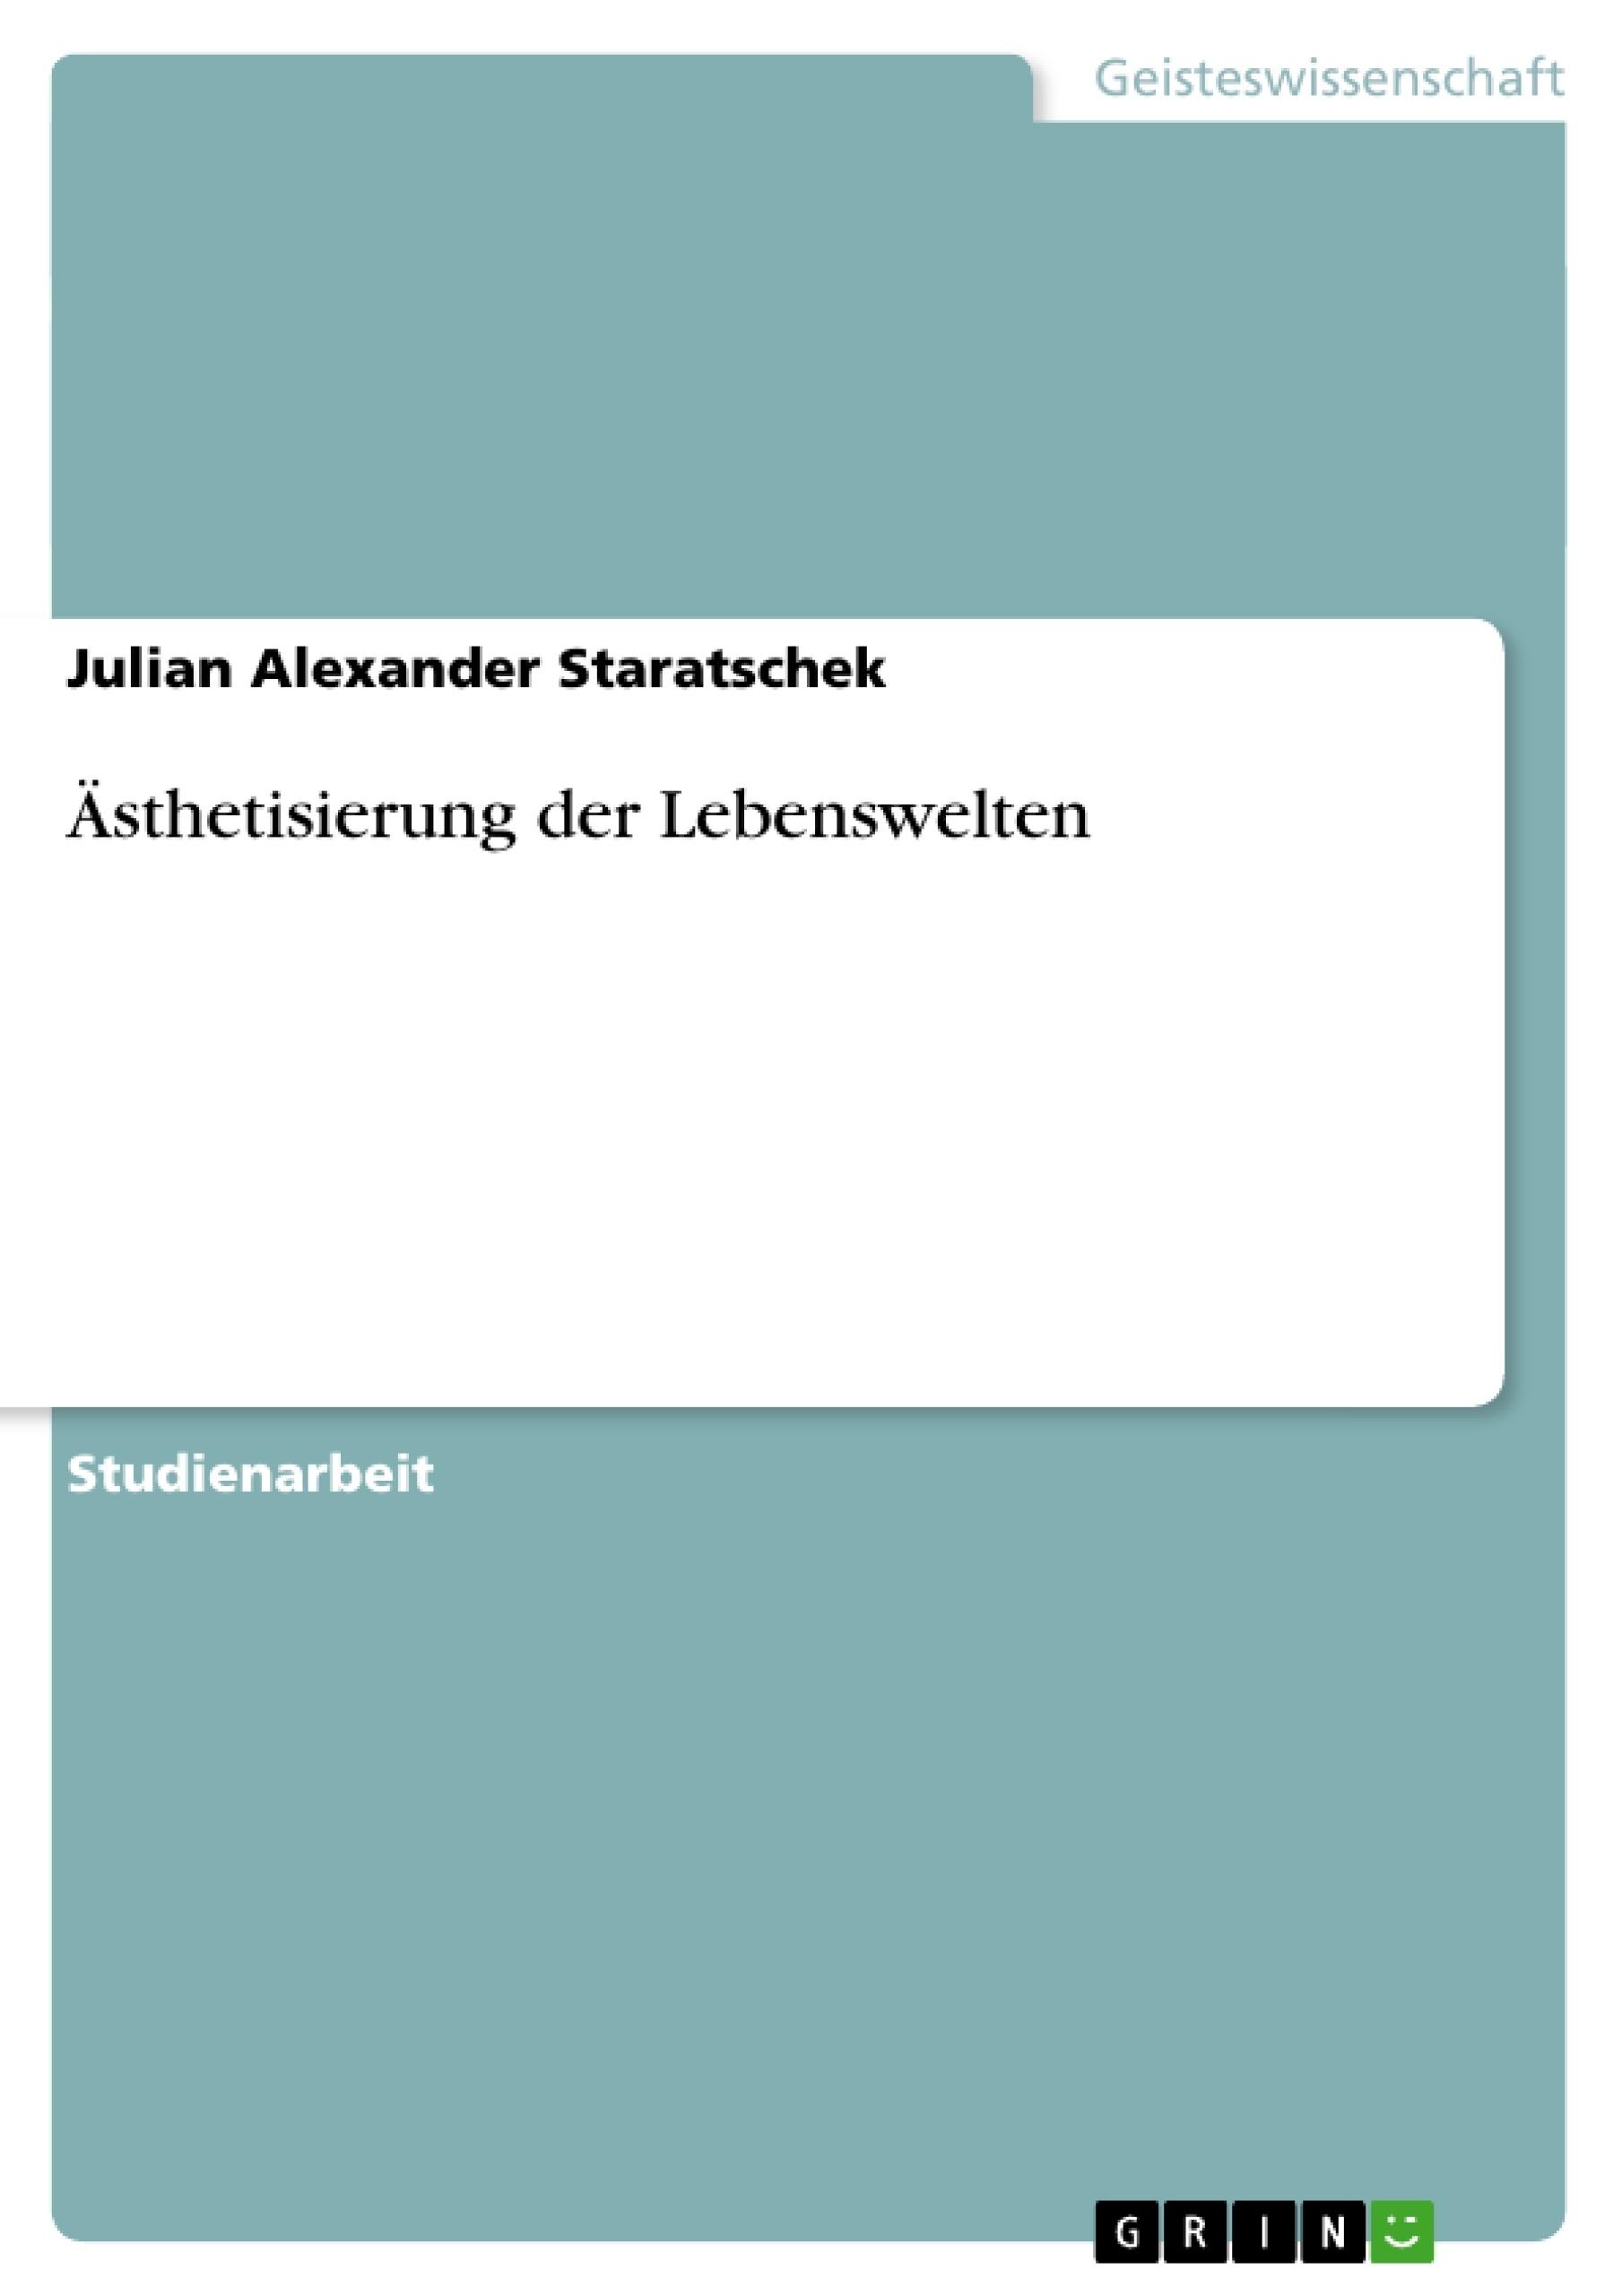 Titel: Ästhetisierung der Lebenswelten